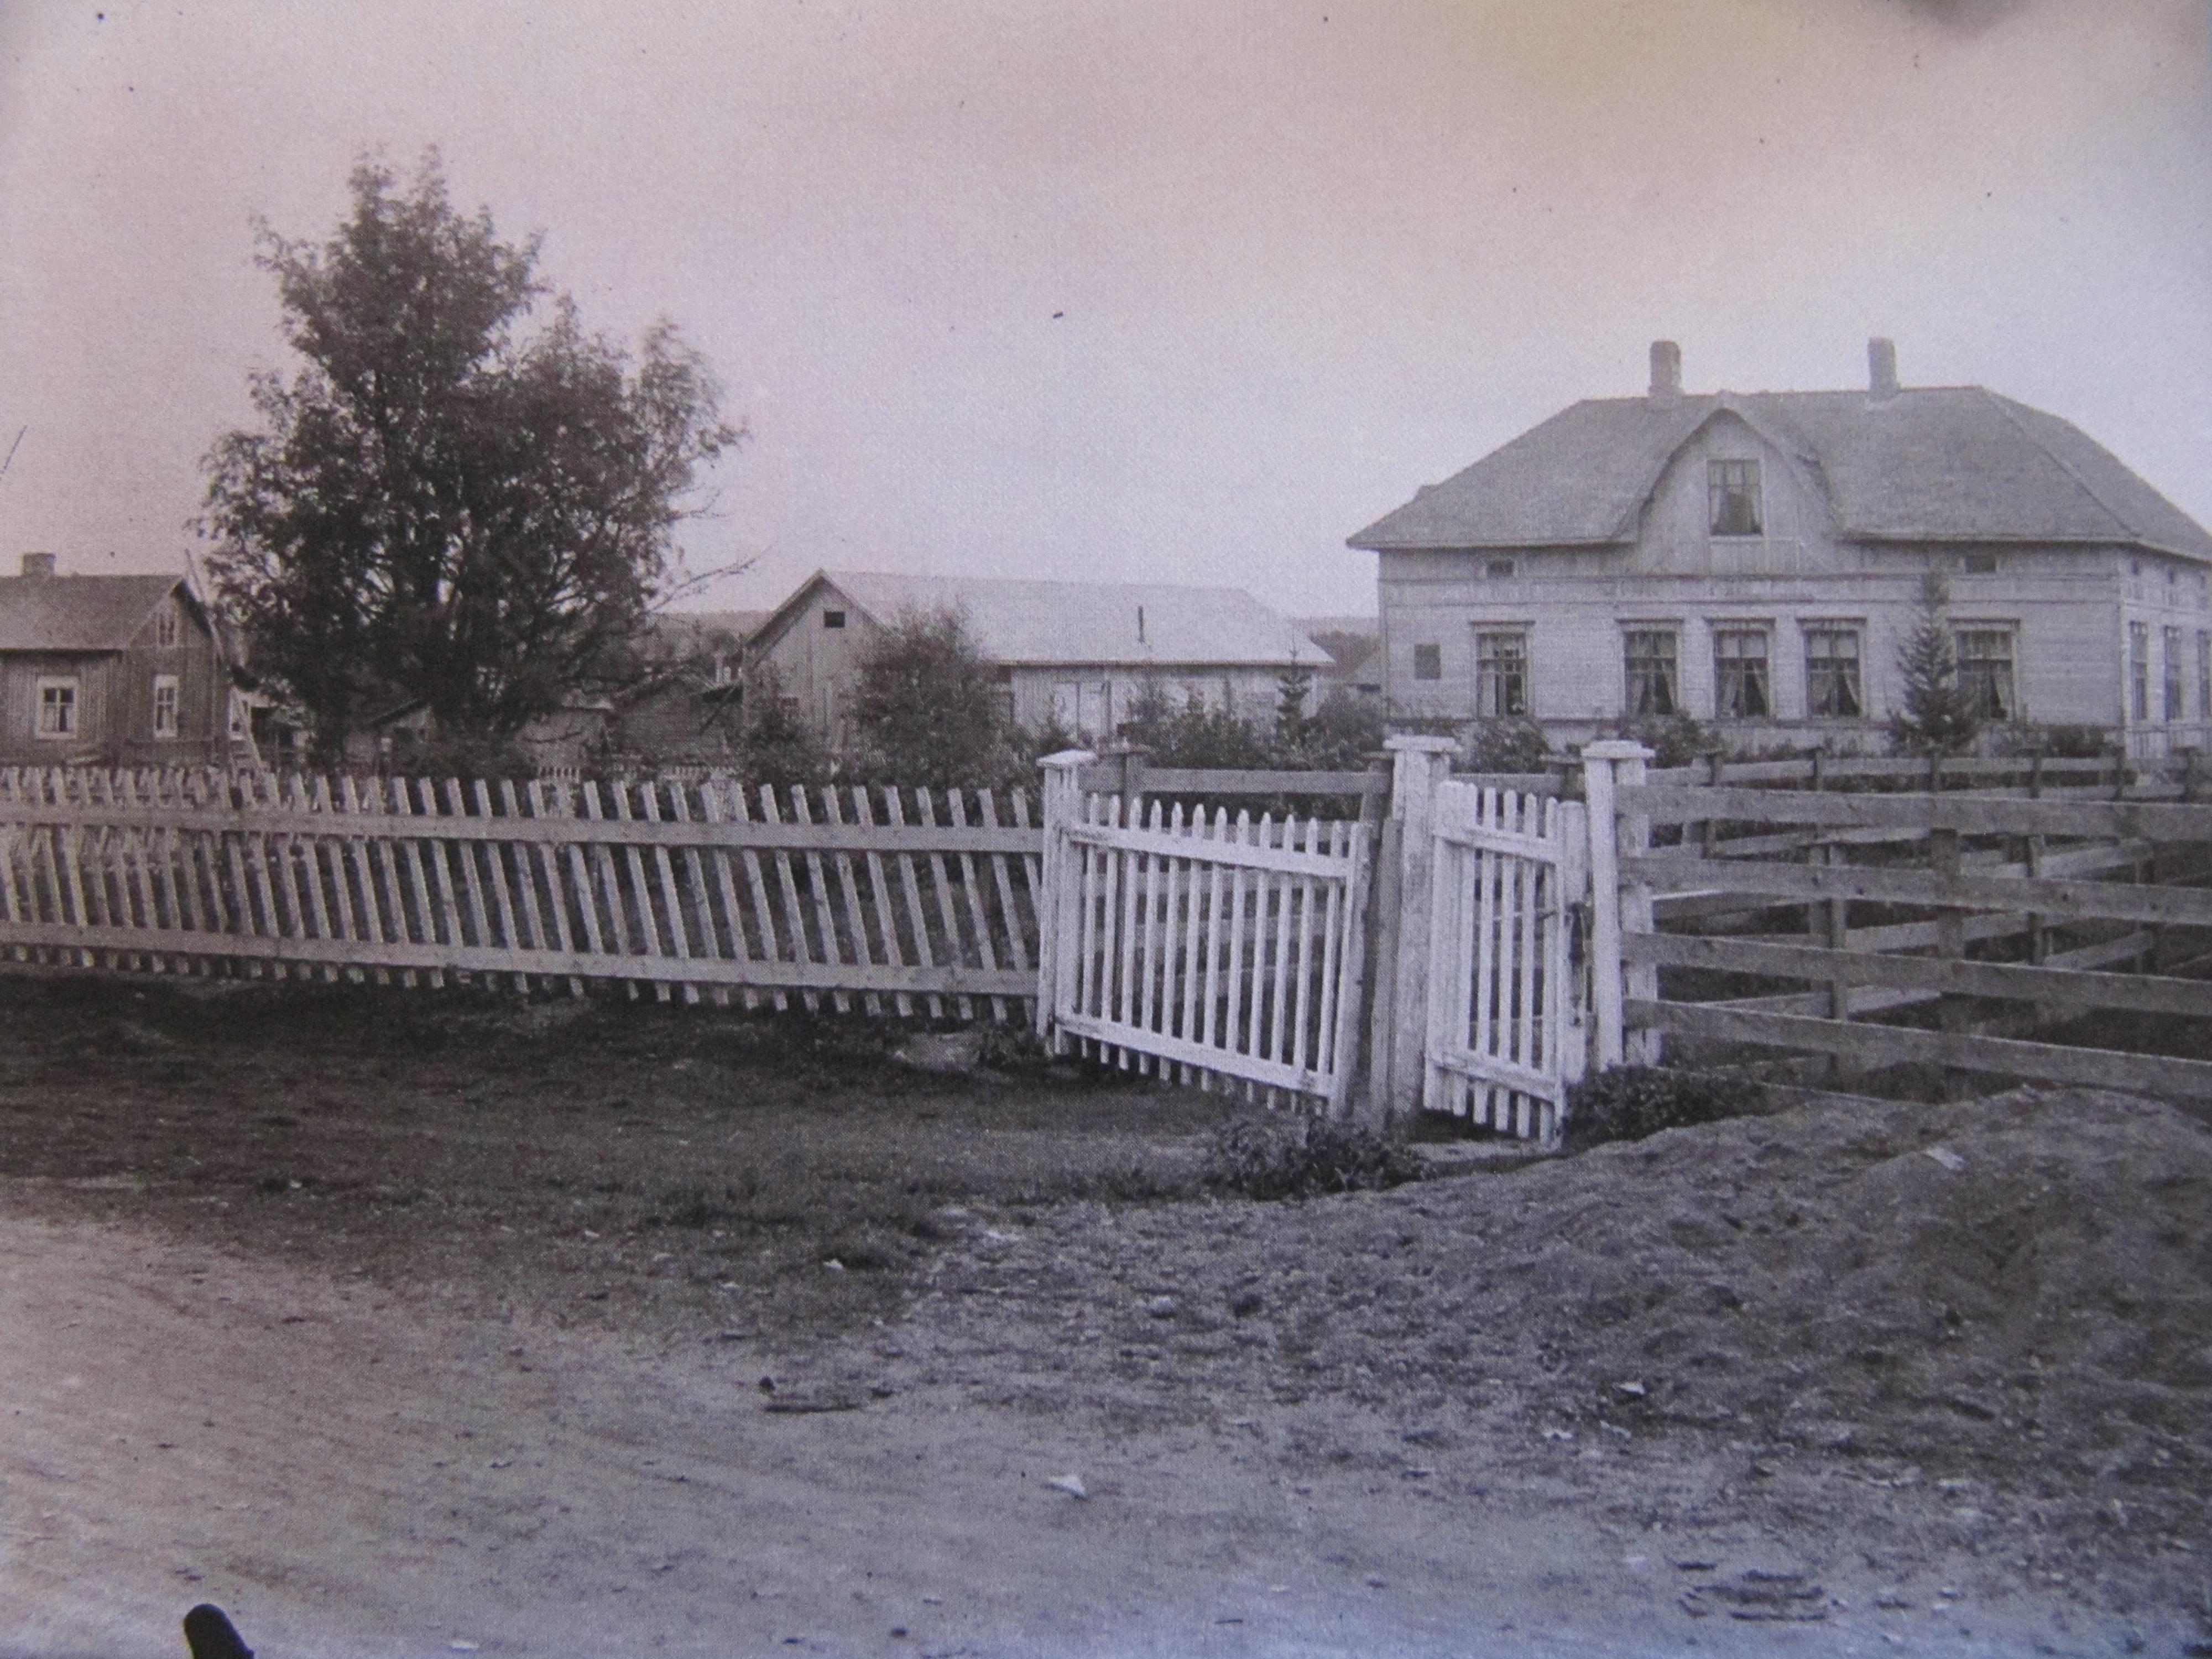 På den här bilden som är nyare så ser vi att gården är bortflyttad, den stod alltså bakom trädet till vänster. Kvar står den andra stugan i vänstra kanten som revs i något skede. Till höger den ståtliga Klemets huvudbyggnaden som byggdes i början på 1900-talet, alltså den som revs ner 2006-2007. Grinden är den så kallade Lillgrinden som ledde ner till folkskolan. Foto: Viktor Nylund.